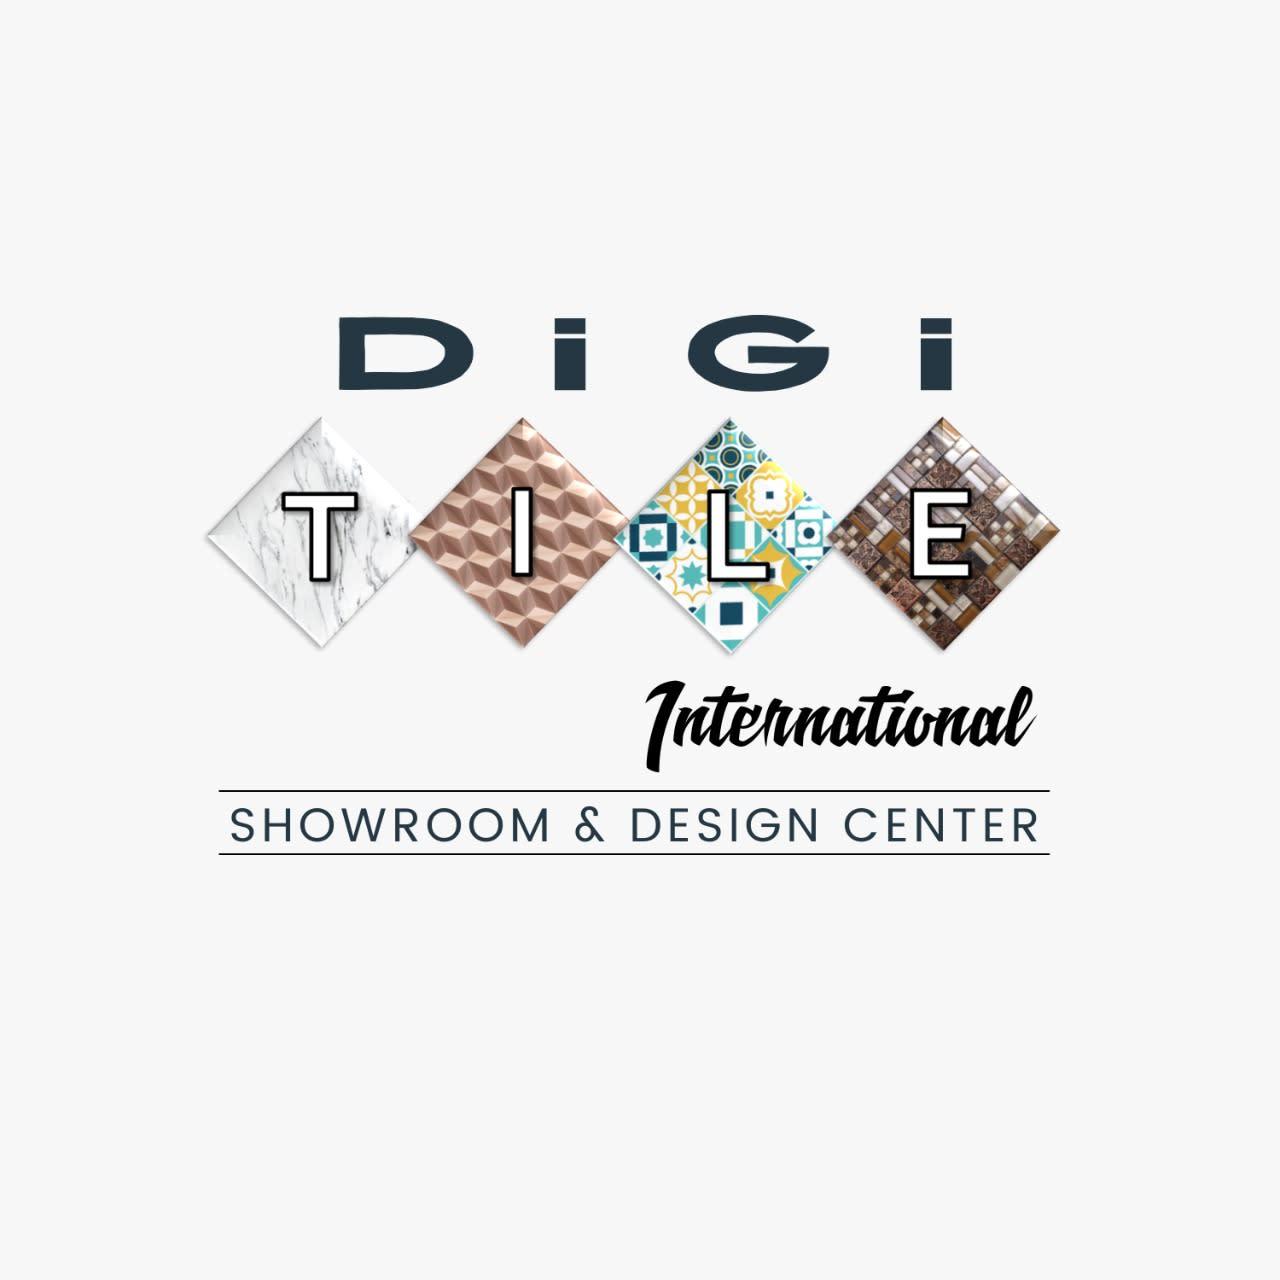 Digitile Inc